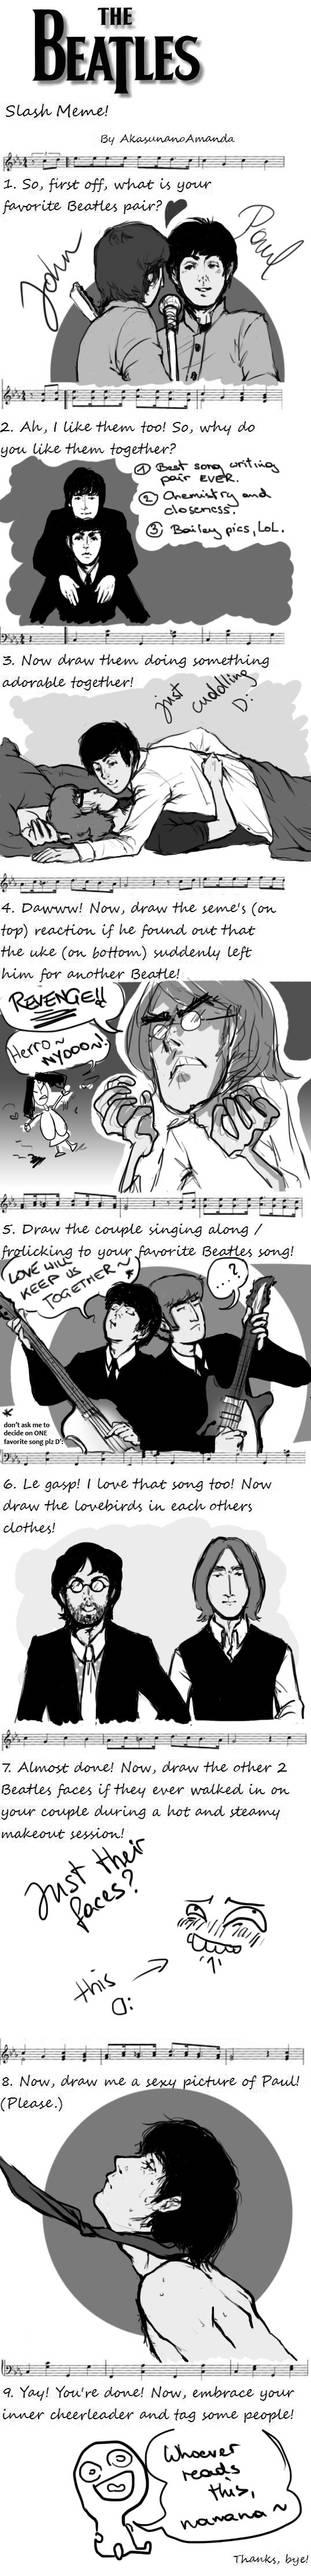 Beatles SLASH Meme